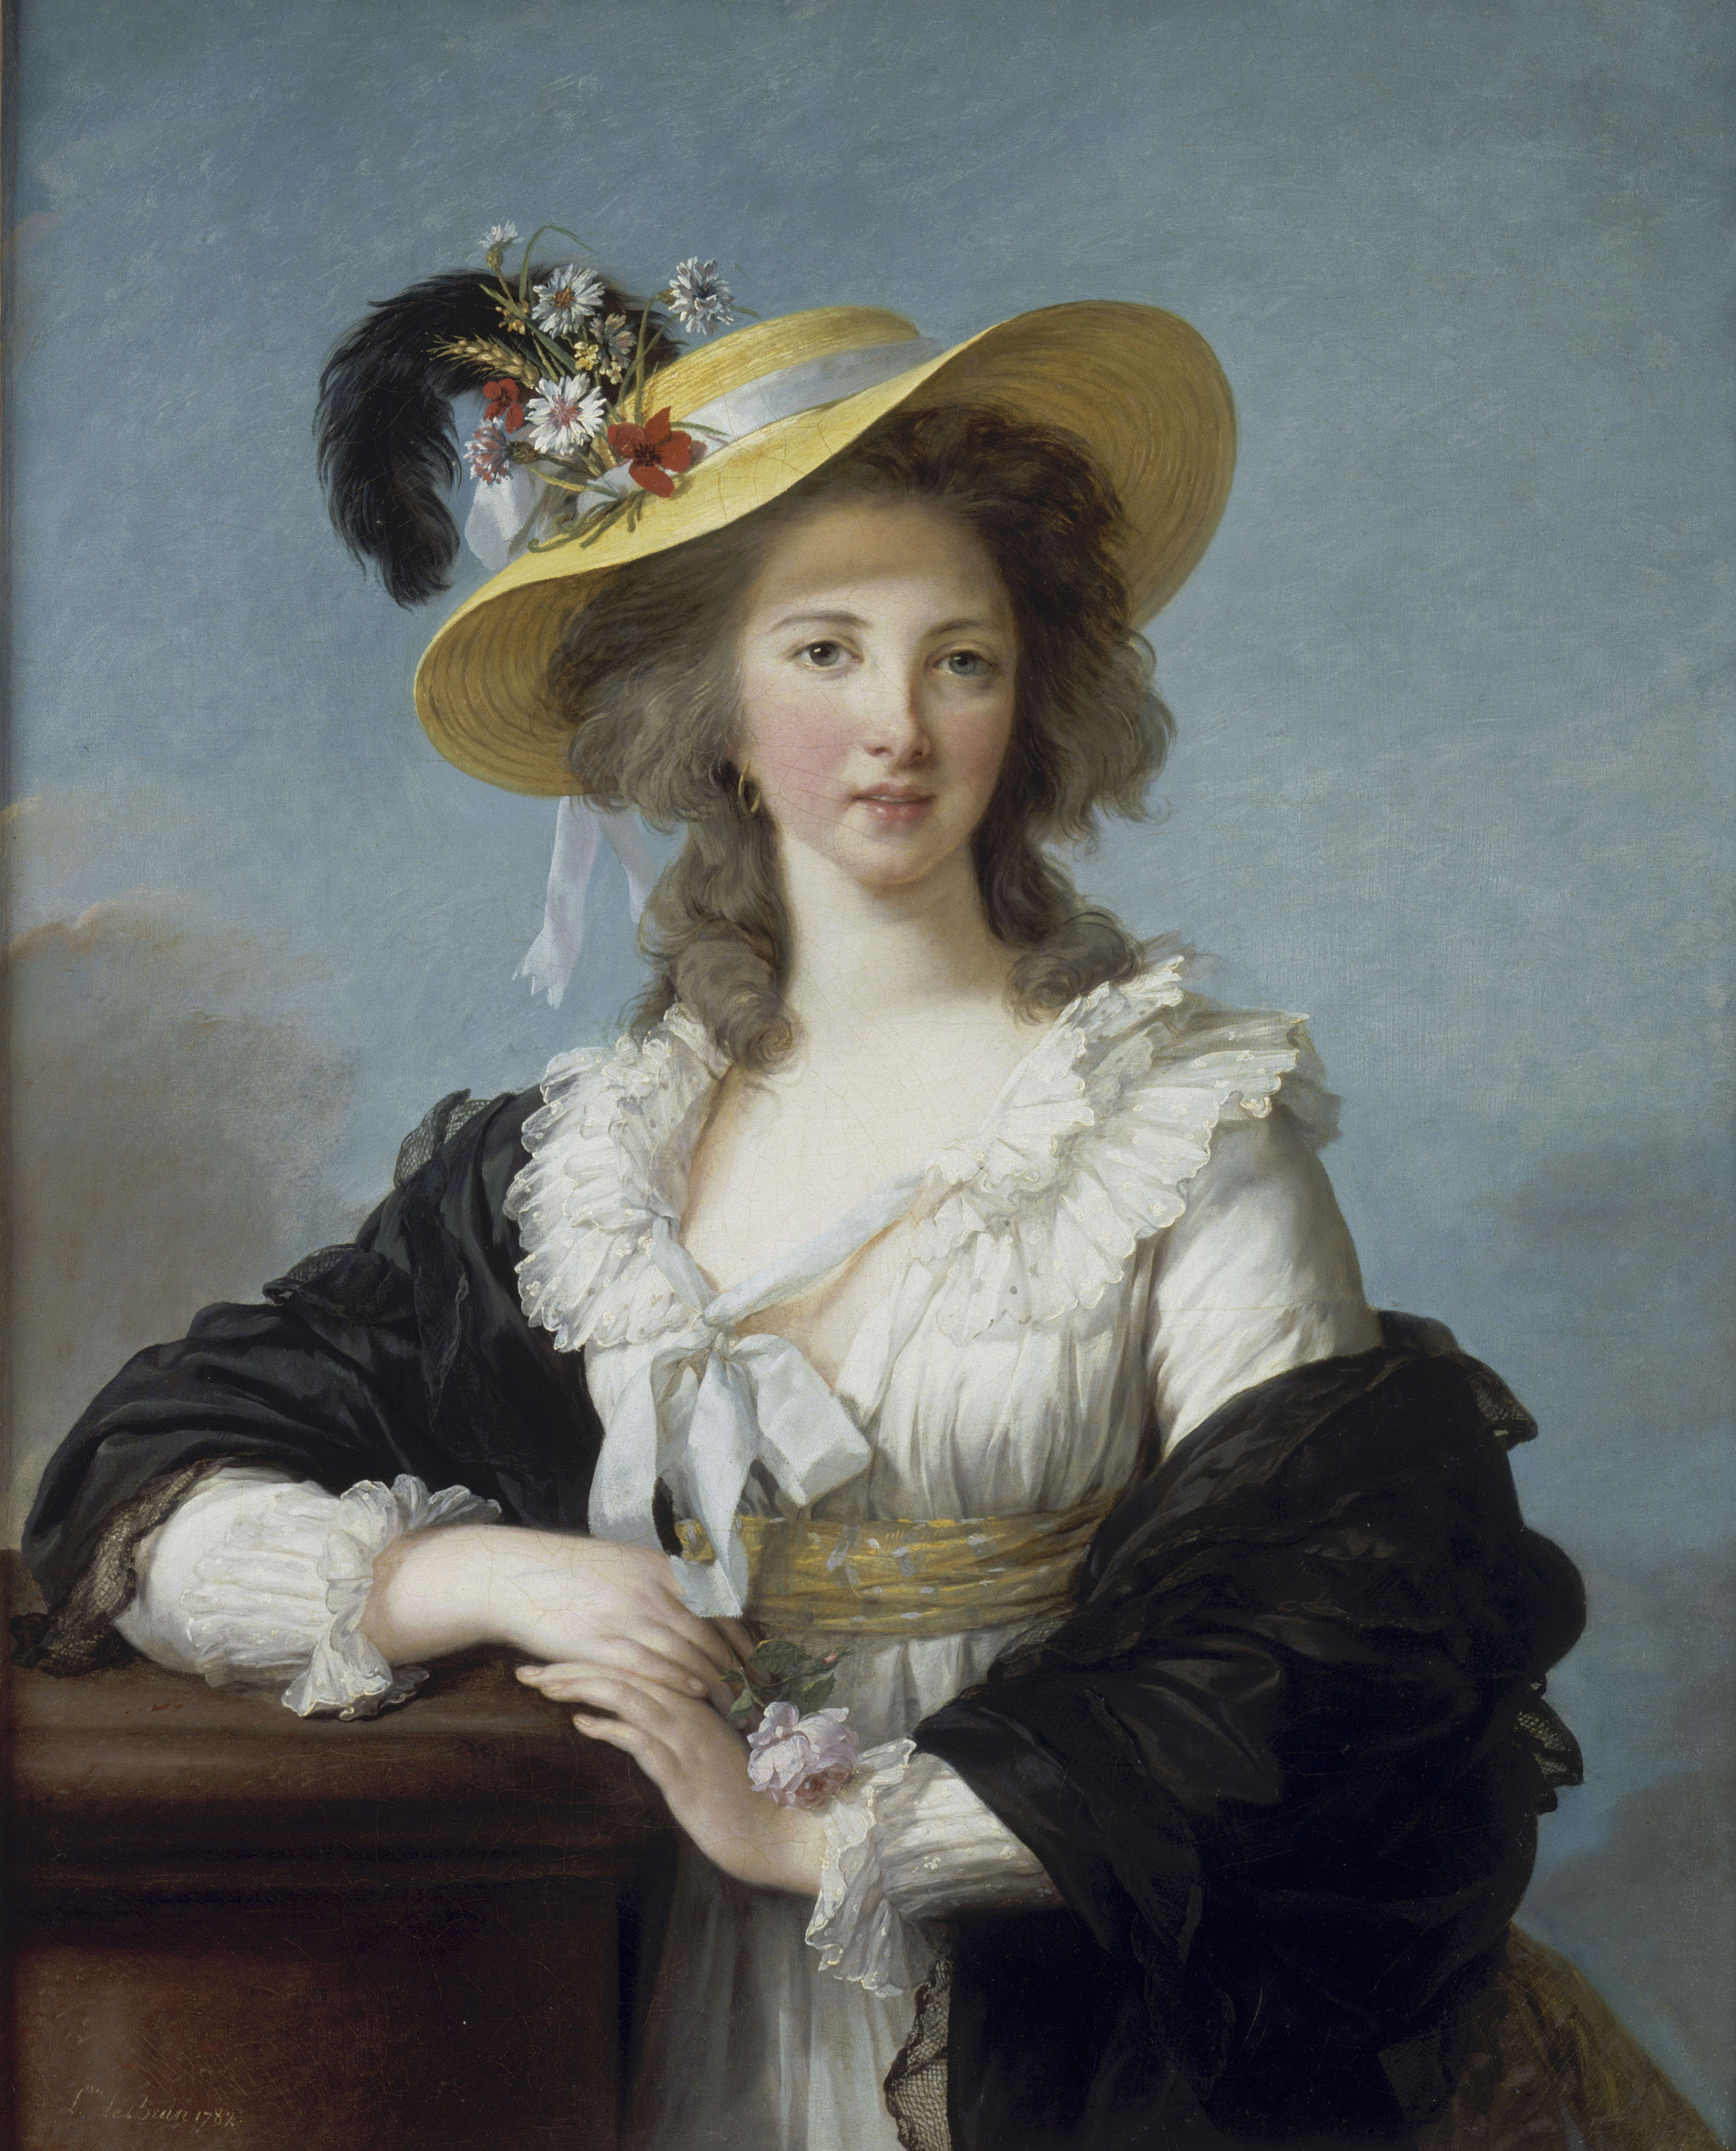 Galerie virtuelle des oeuvres de Mme Vigée Le Brun - Page 12 Vigee_le_brun